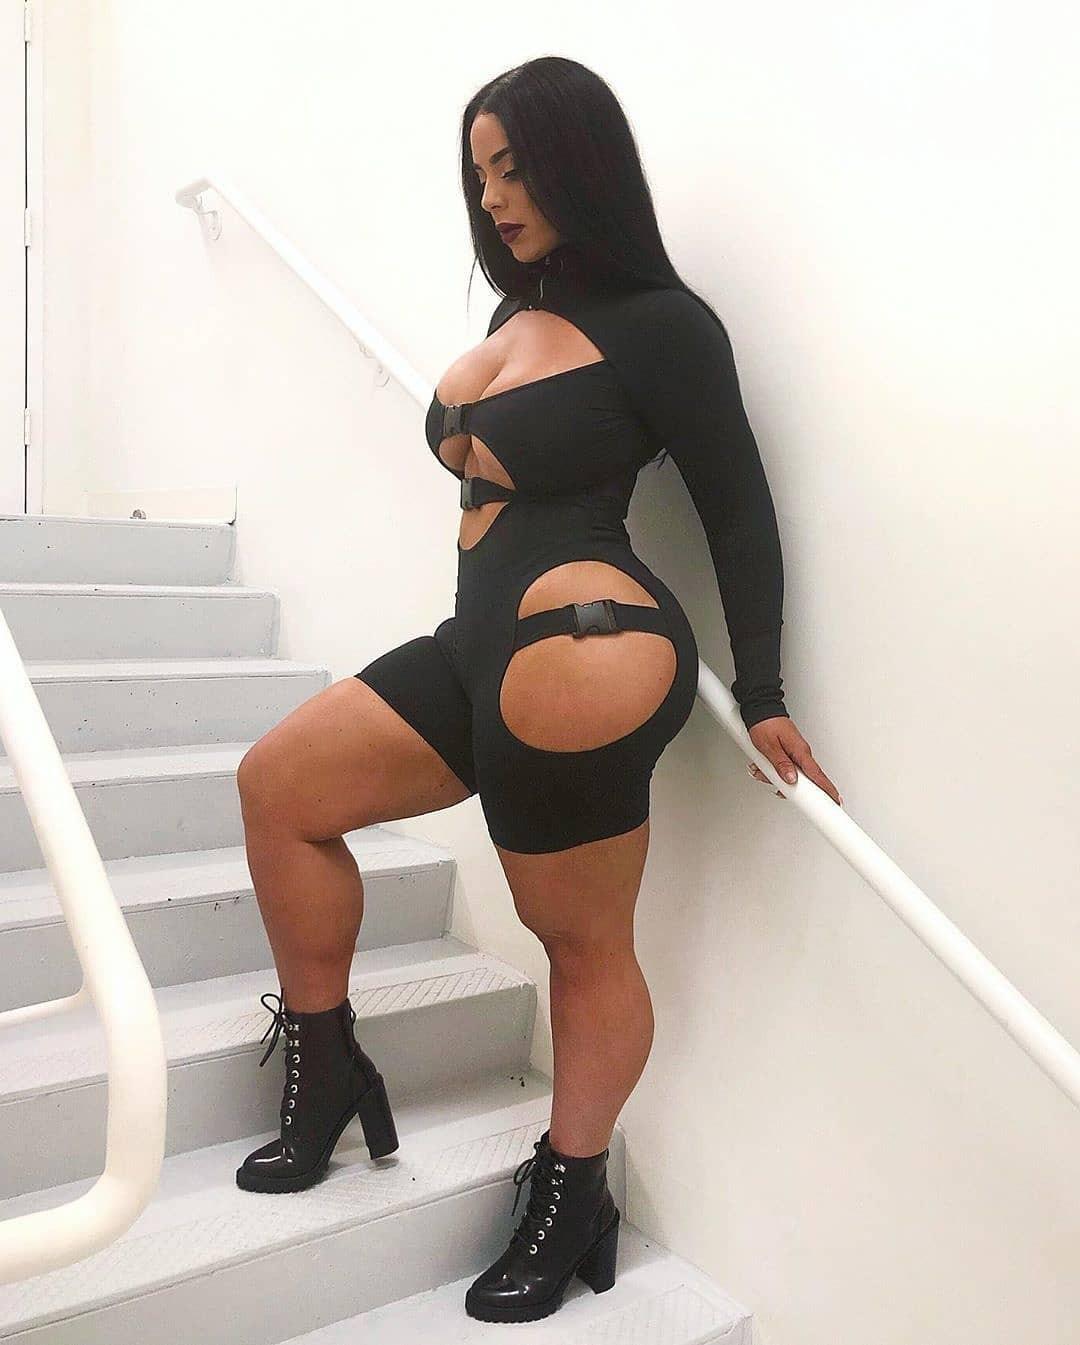 Genesis Vargaz female thighs, legs picture, Black Natural Hair